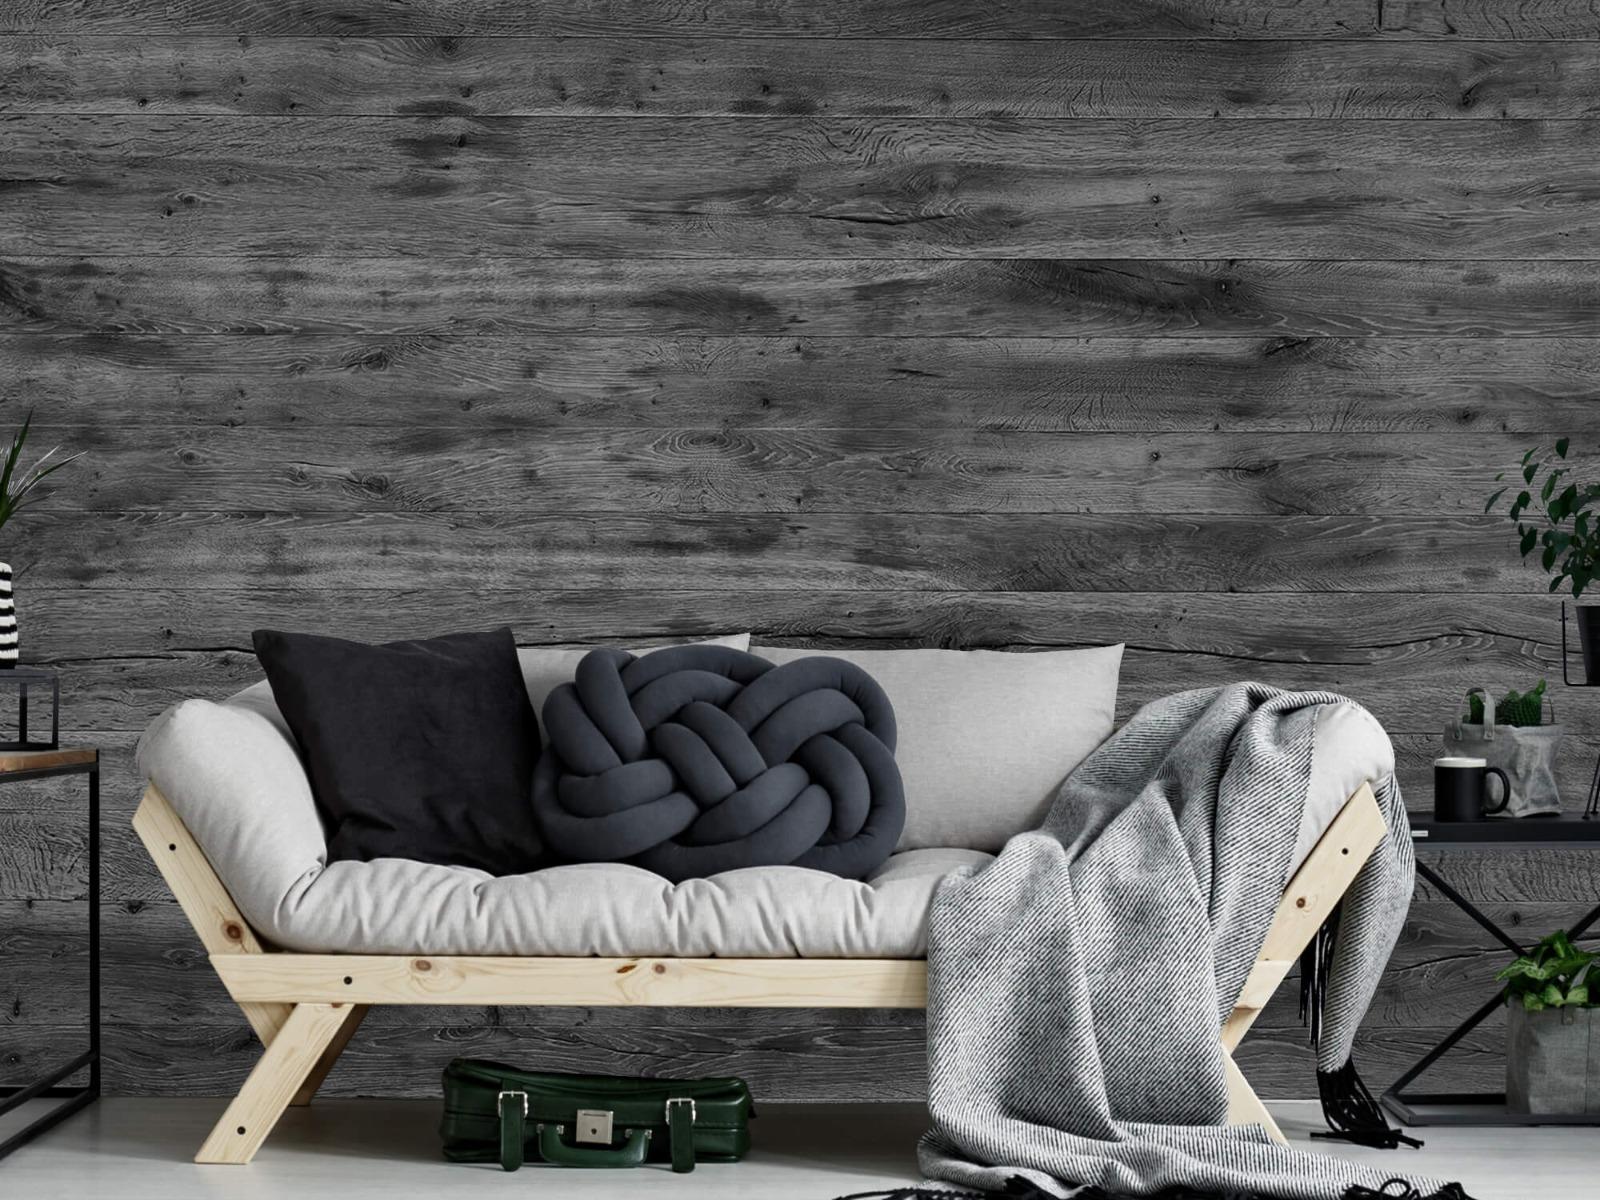 Hout behang - Grijze houten planken - Directie 1